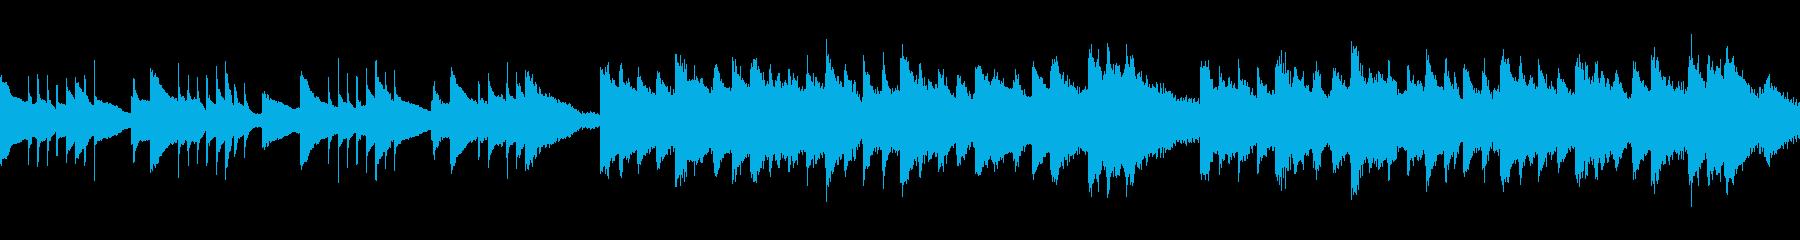 ハープを用いた悲しい/切ないBGMの再生済みの波形